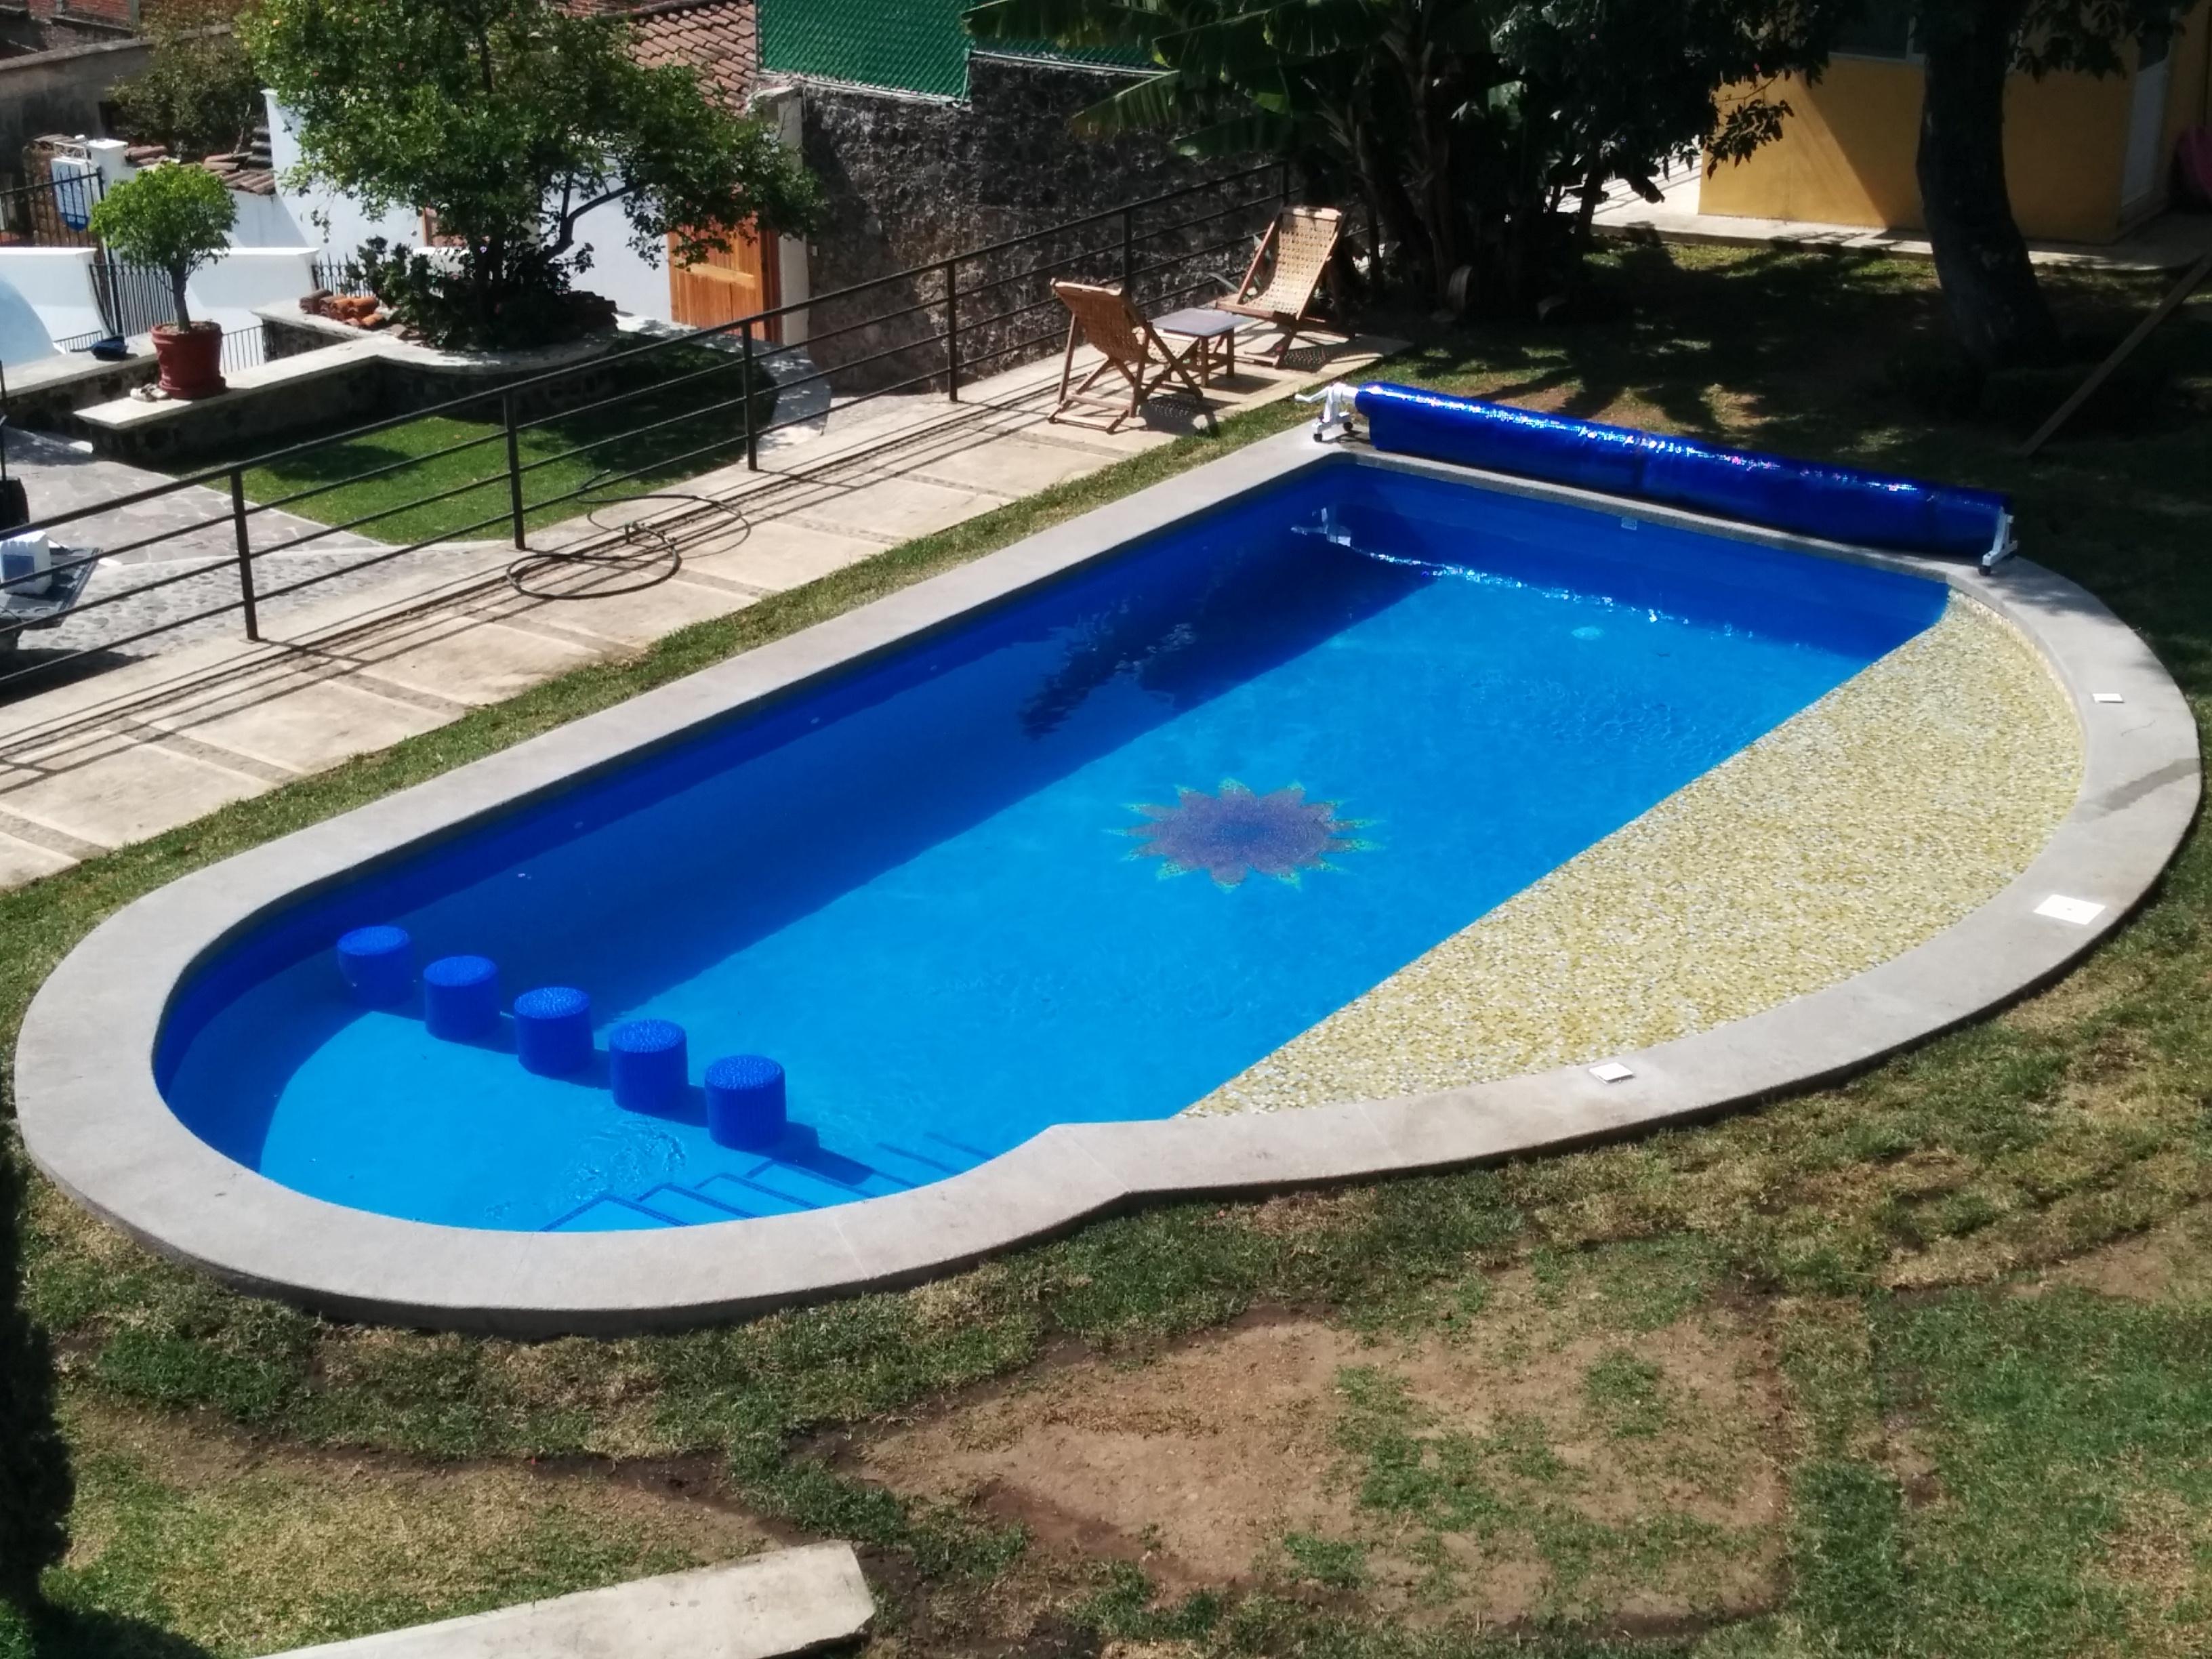 Seenergy mexico construcci n alberca en cuernavaca for Construccion de piscinas en mexico